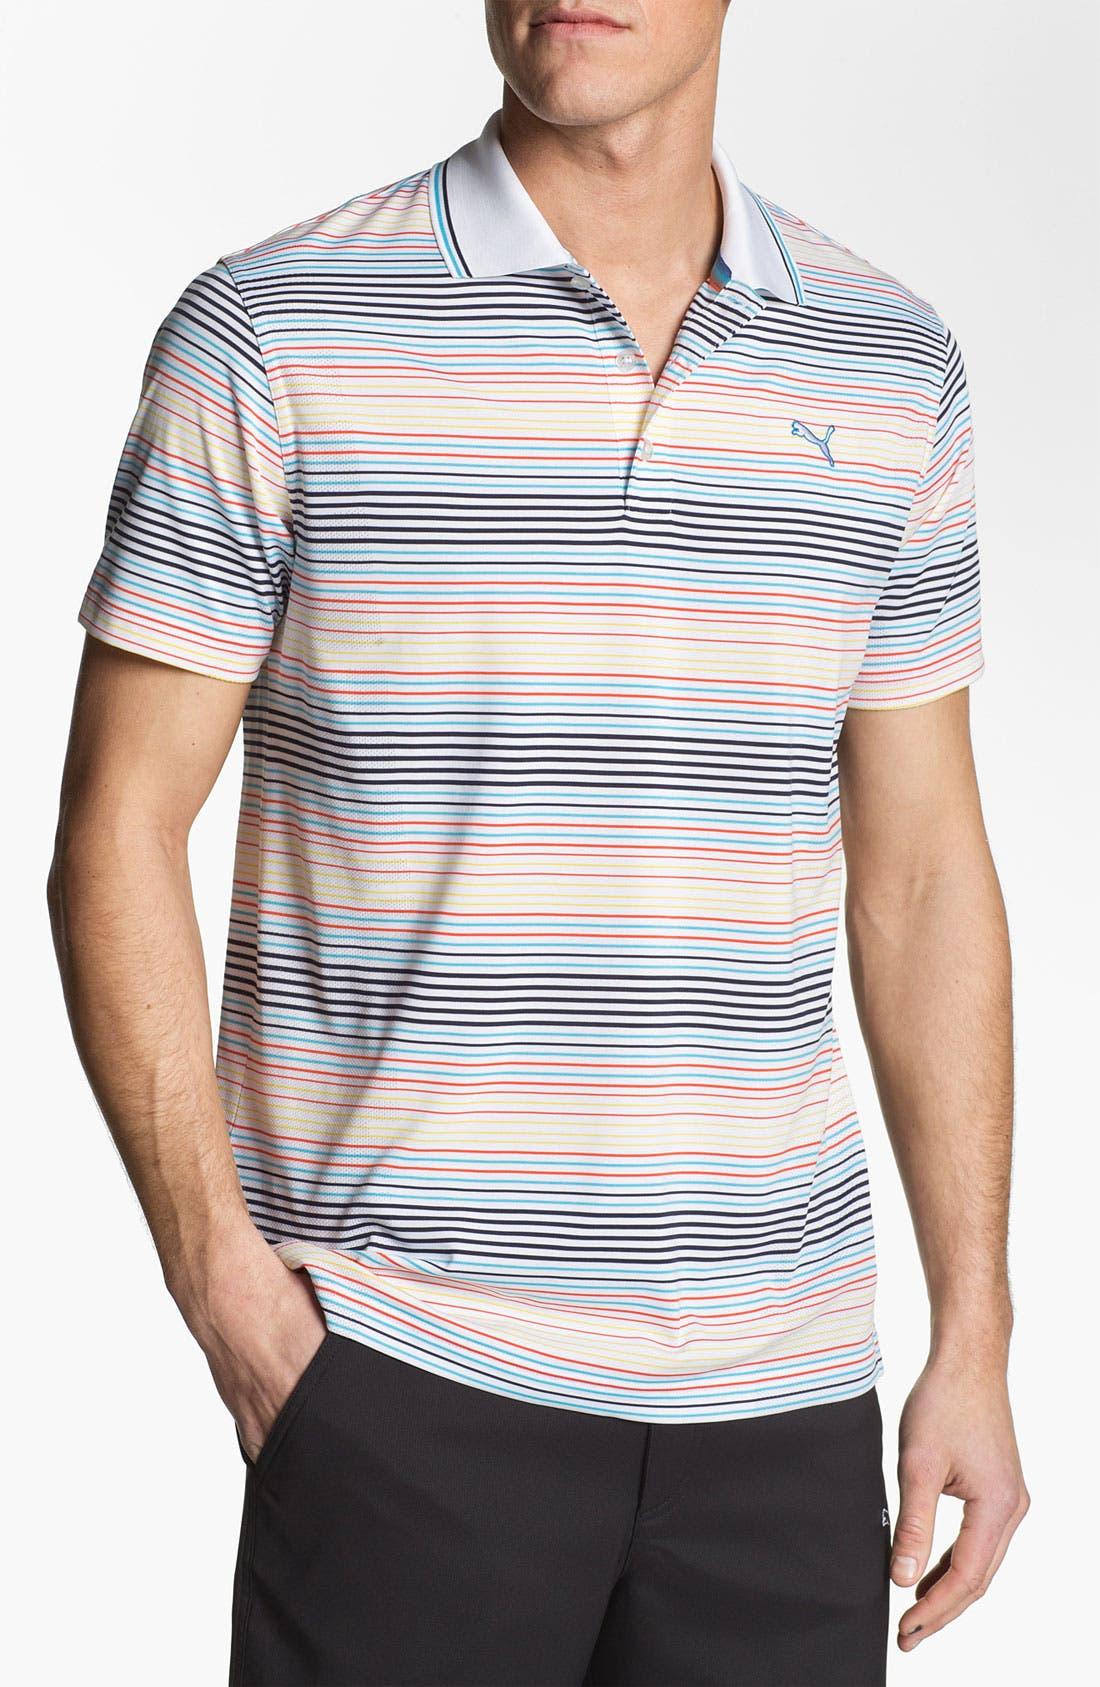 Alternate Image 1 Selected - PUMA GOLF Stripe Jacquard Polo